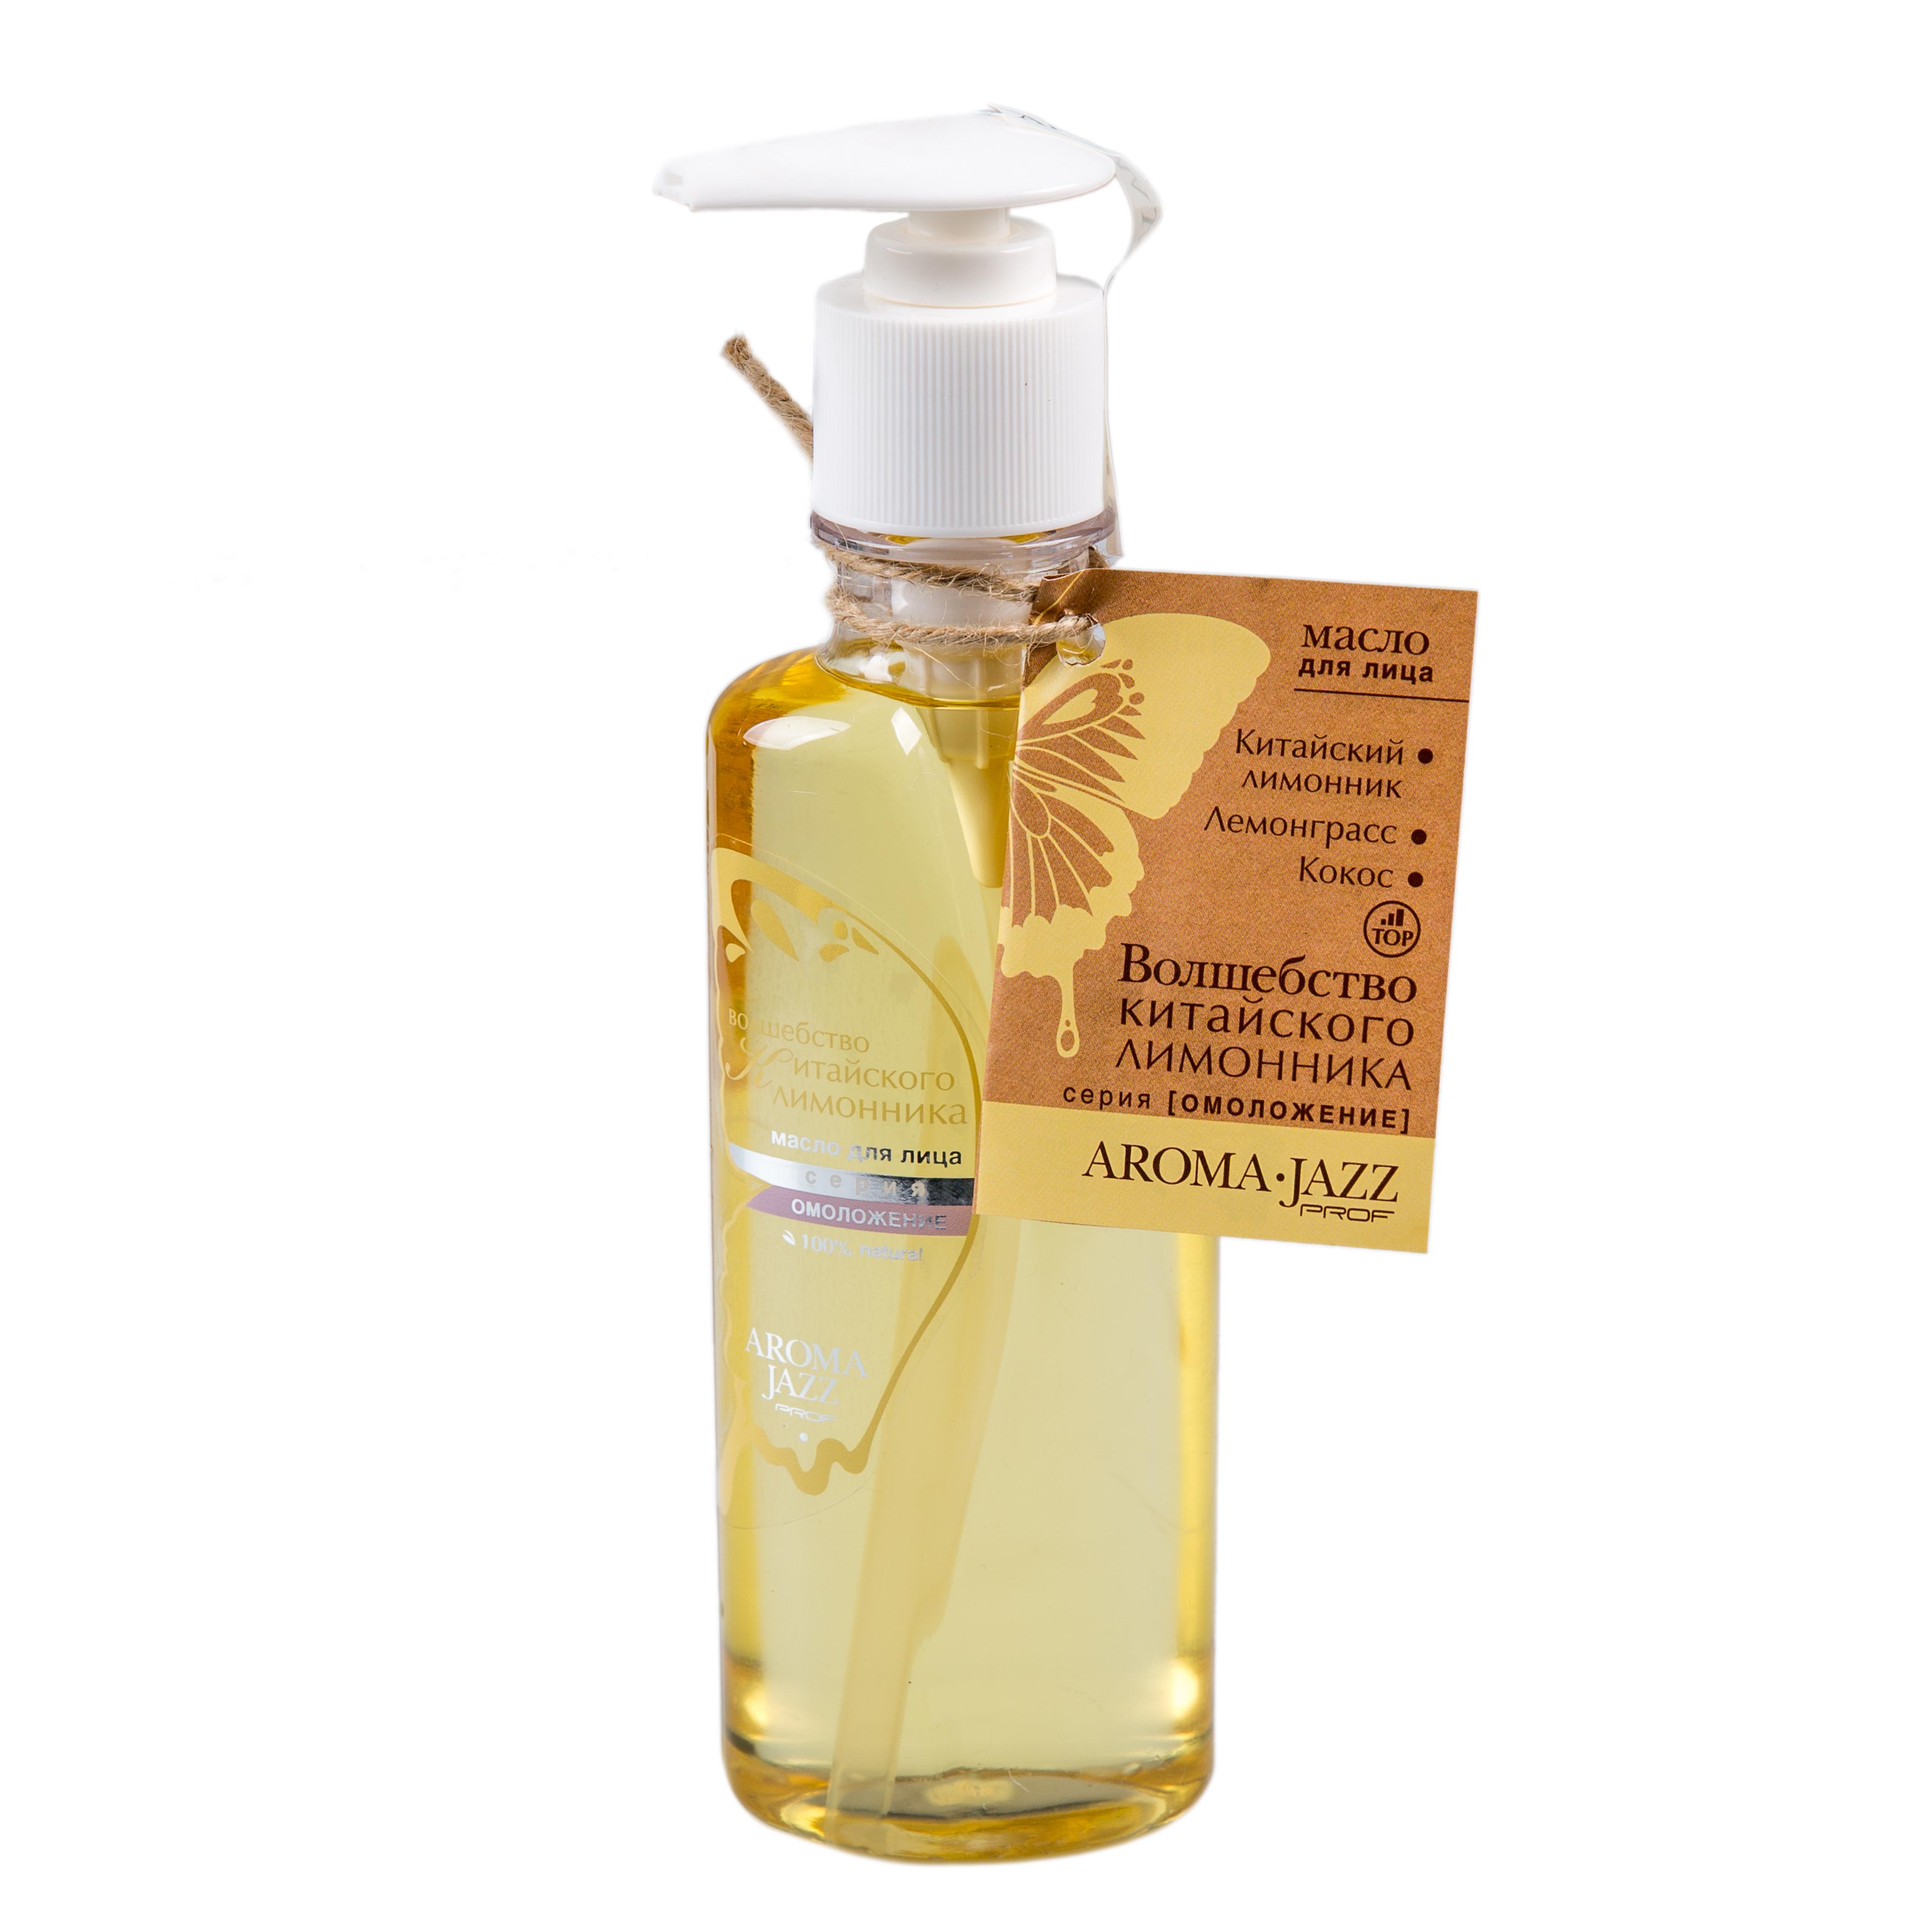 AROMA JAZZ Масло массажное жидкое для лица Волшебство китайского лимонника 200млМасла<br>Жидкое масло для лица с эффектом суперомоложения. Мощный тонизирующий эффект, отбеливание, питание. Глубоко питает и омолаживает зрелую кожу, повышает антибактериальный барьер, разглаживает морщины. Входящий в состав экстракт китайского лимонника обладает сильным тонизирующим действием, что позволяет ускорить обновление клеток, заживление ран и язв. Волшебство китайского лимонника мобилизует внутренние силы организма, насыщая его энергией, усиливает концентрацию внимания и умственную активность. Активные ингредиенты (состав): масла сои, оливы, пальмы, кокоса, растительное с витамином Е; эфирные масла мяты перечной, лемонграсса, розмарина и ванили; экстракты китайского лимонника и лайма. Способ применения: рекомендовано для поднятия жизненного тонуса увядающей, дряблой кожи без купероза, втирания после душа и SPA-процедур в салоне и дома. Возможно легкое покраснение кожи на 20-30 минут. Рекомендации по использованию: для большего эффекта рекомендуется параллельное использование масляного экстракта Увлажнение и питание. Противопоказания: аллергическая реакция на составляющие компоненты.<br><br>Назначение: Морщины